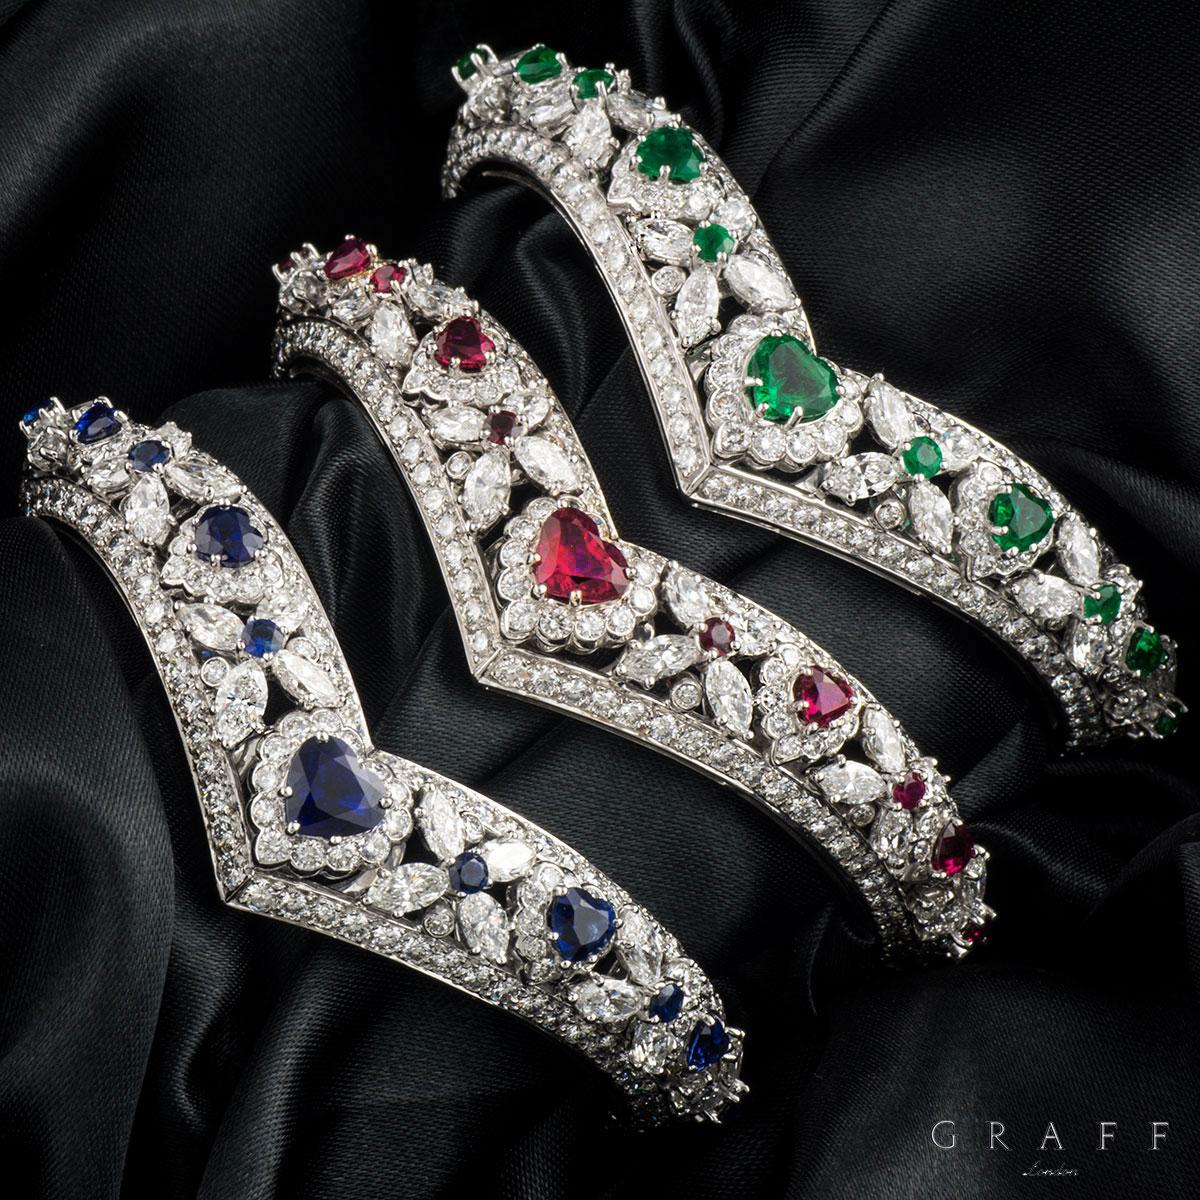 Buy Amp Sell Pre Owned Unworn Asprey Bvlgari Cartier Chopard Jewellery Online